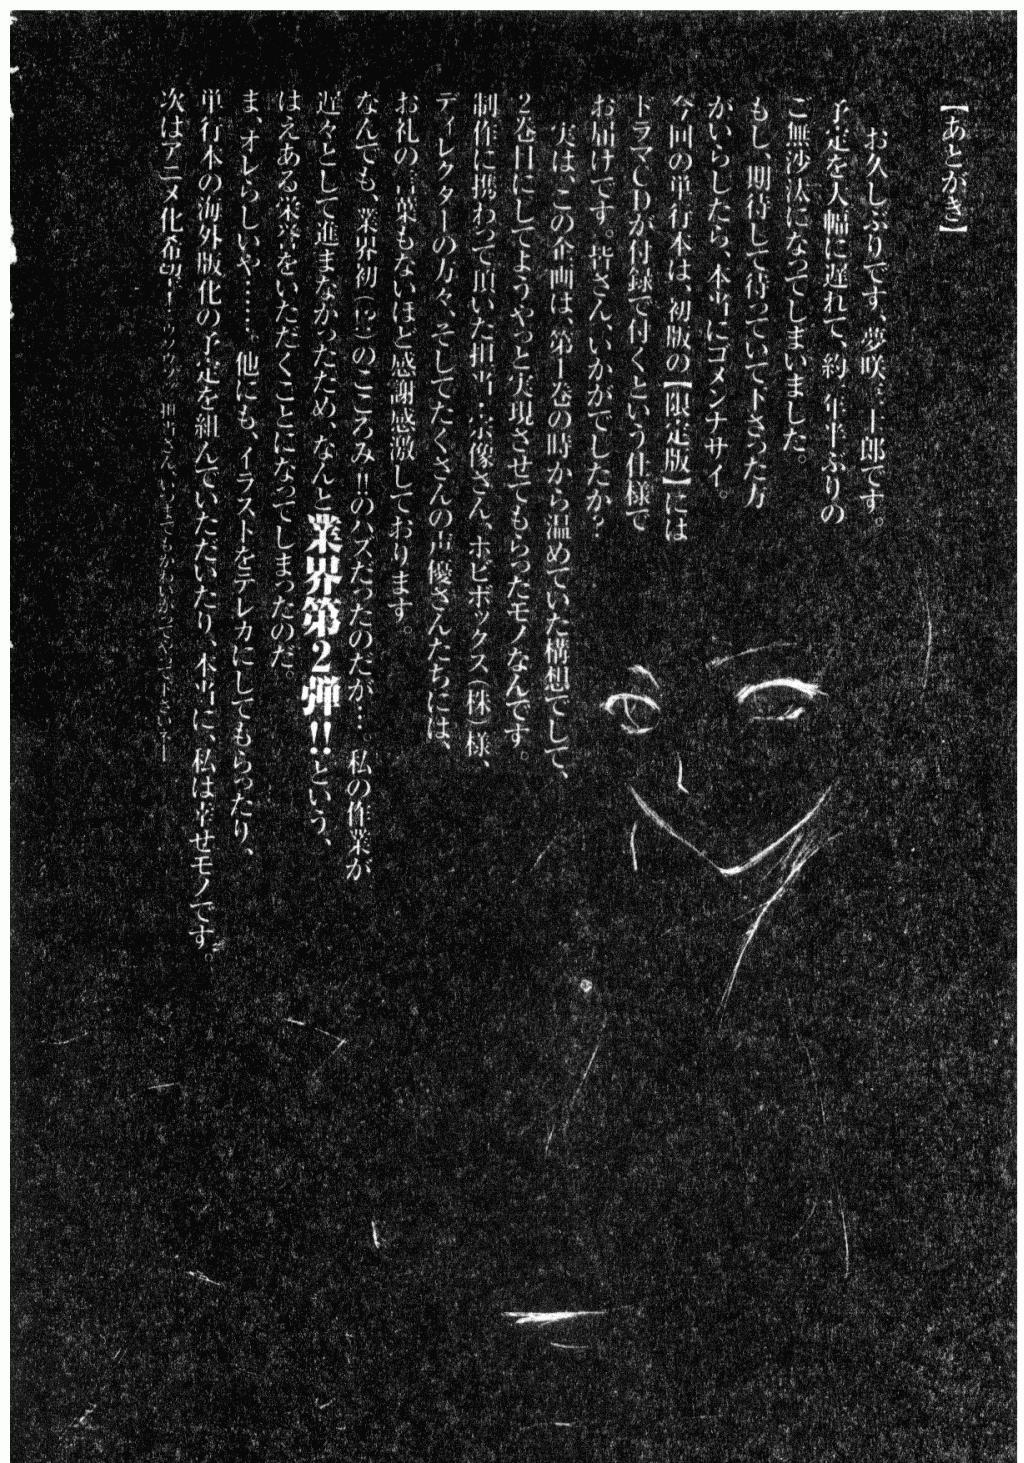 Choukyou Gakuen 2 Genteiban 181